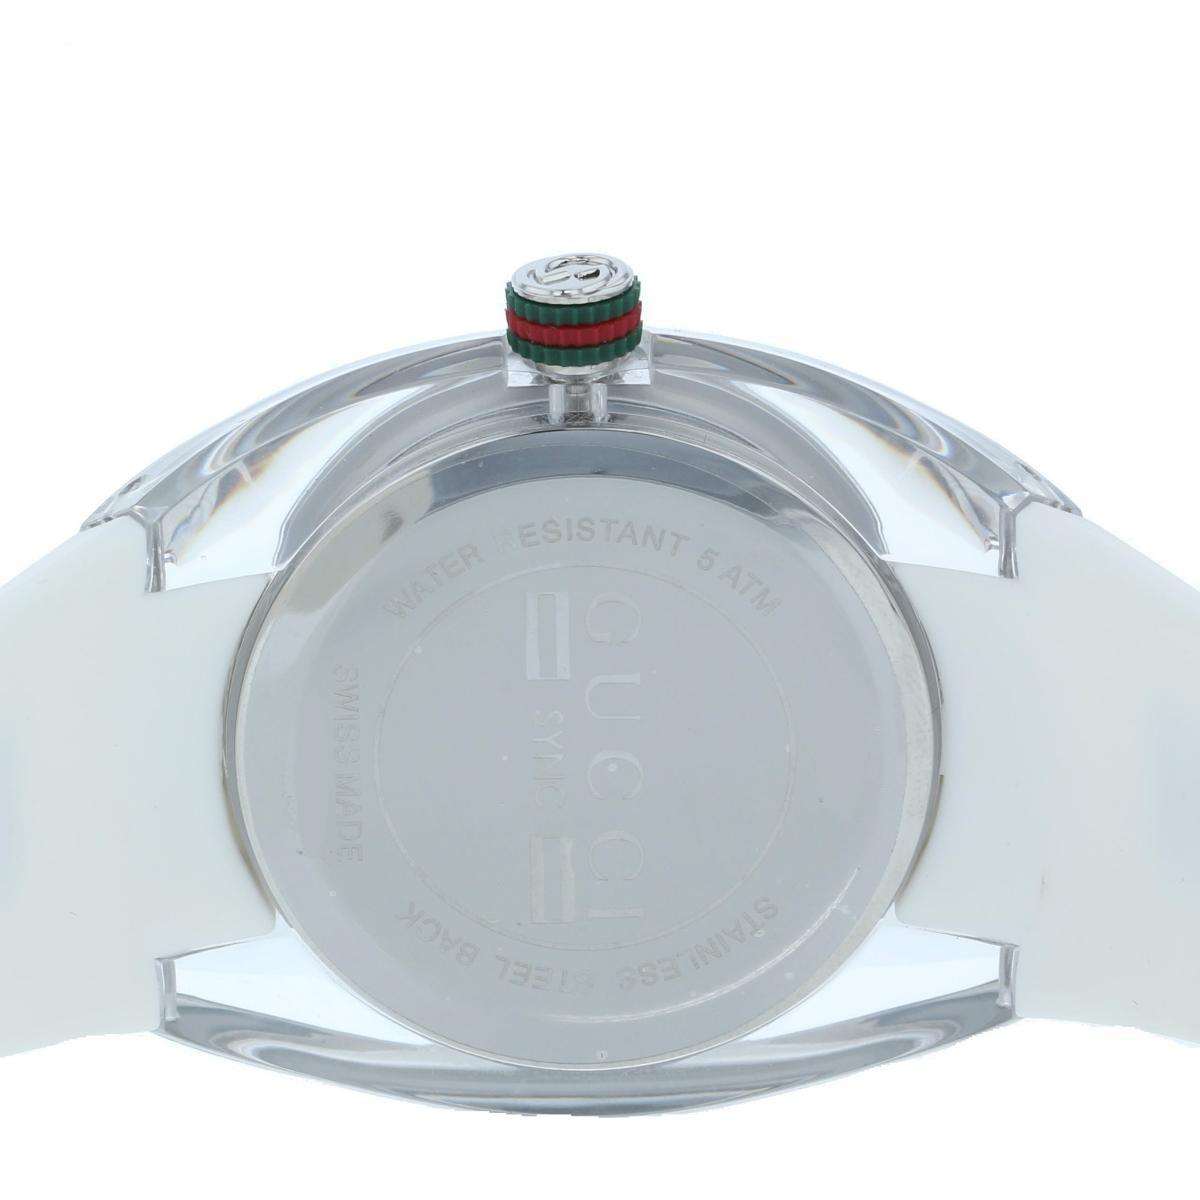 【中古】 GUCCI (グッチ) SYNC シンク XXL 46� 時計 クオーツ/メンズ SYNC Silver 137.1/YA137102 used:A